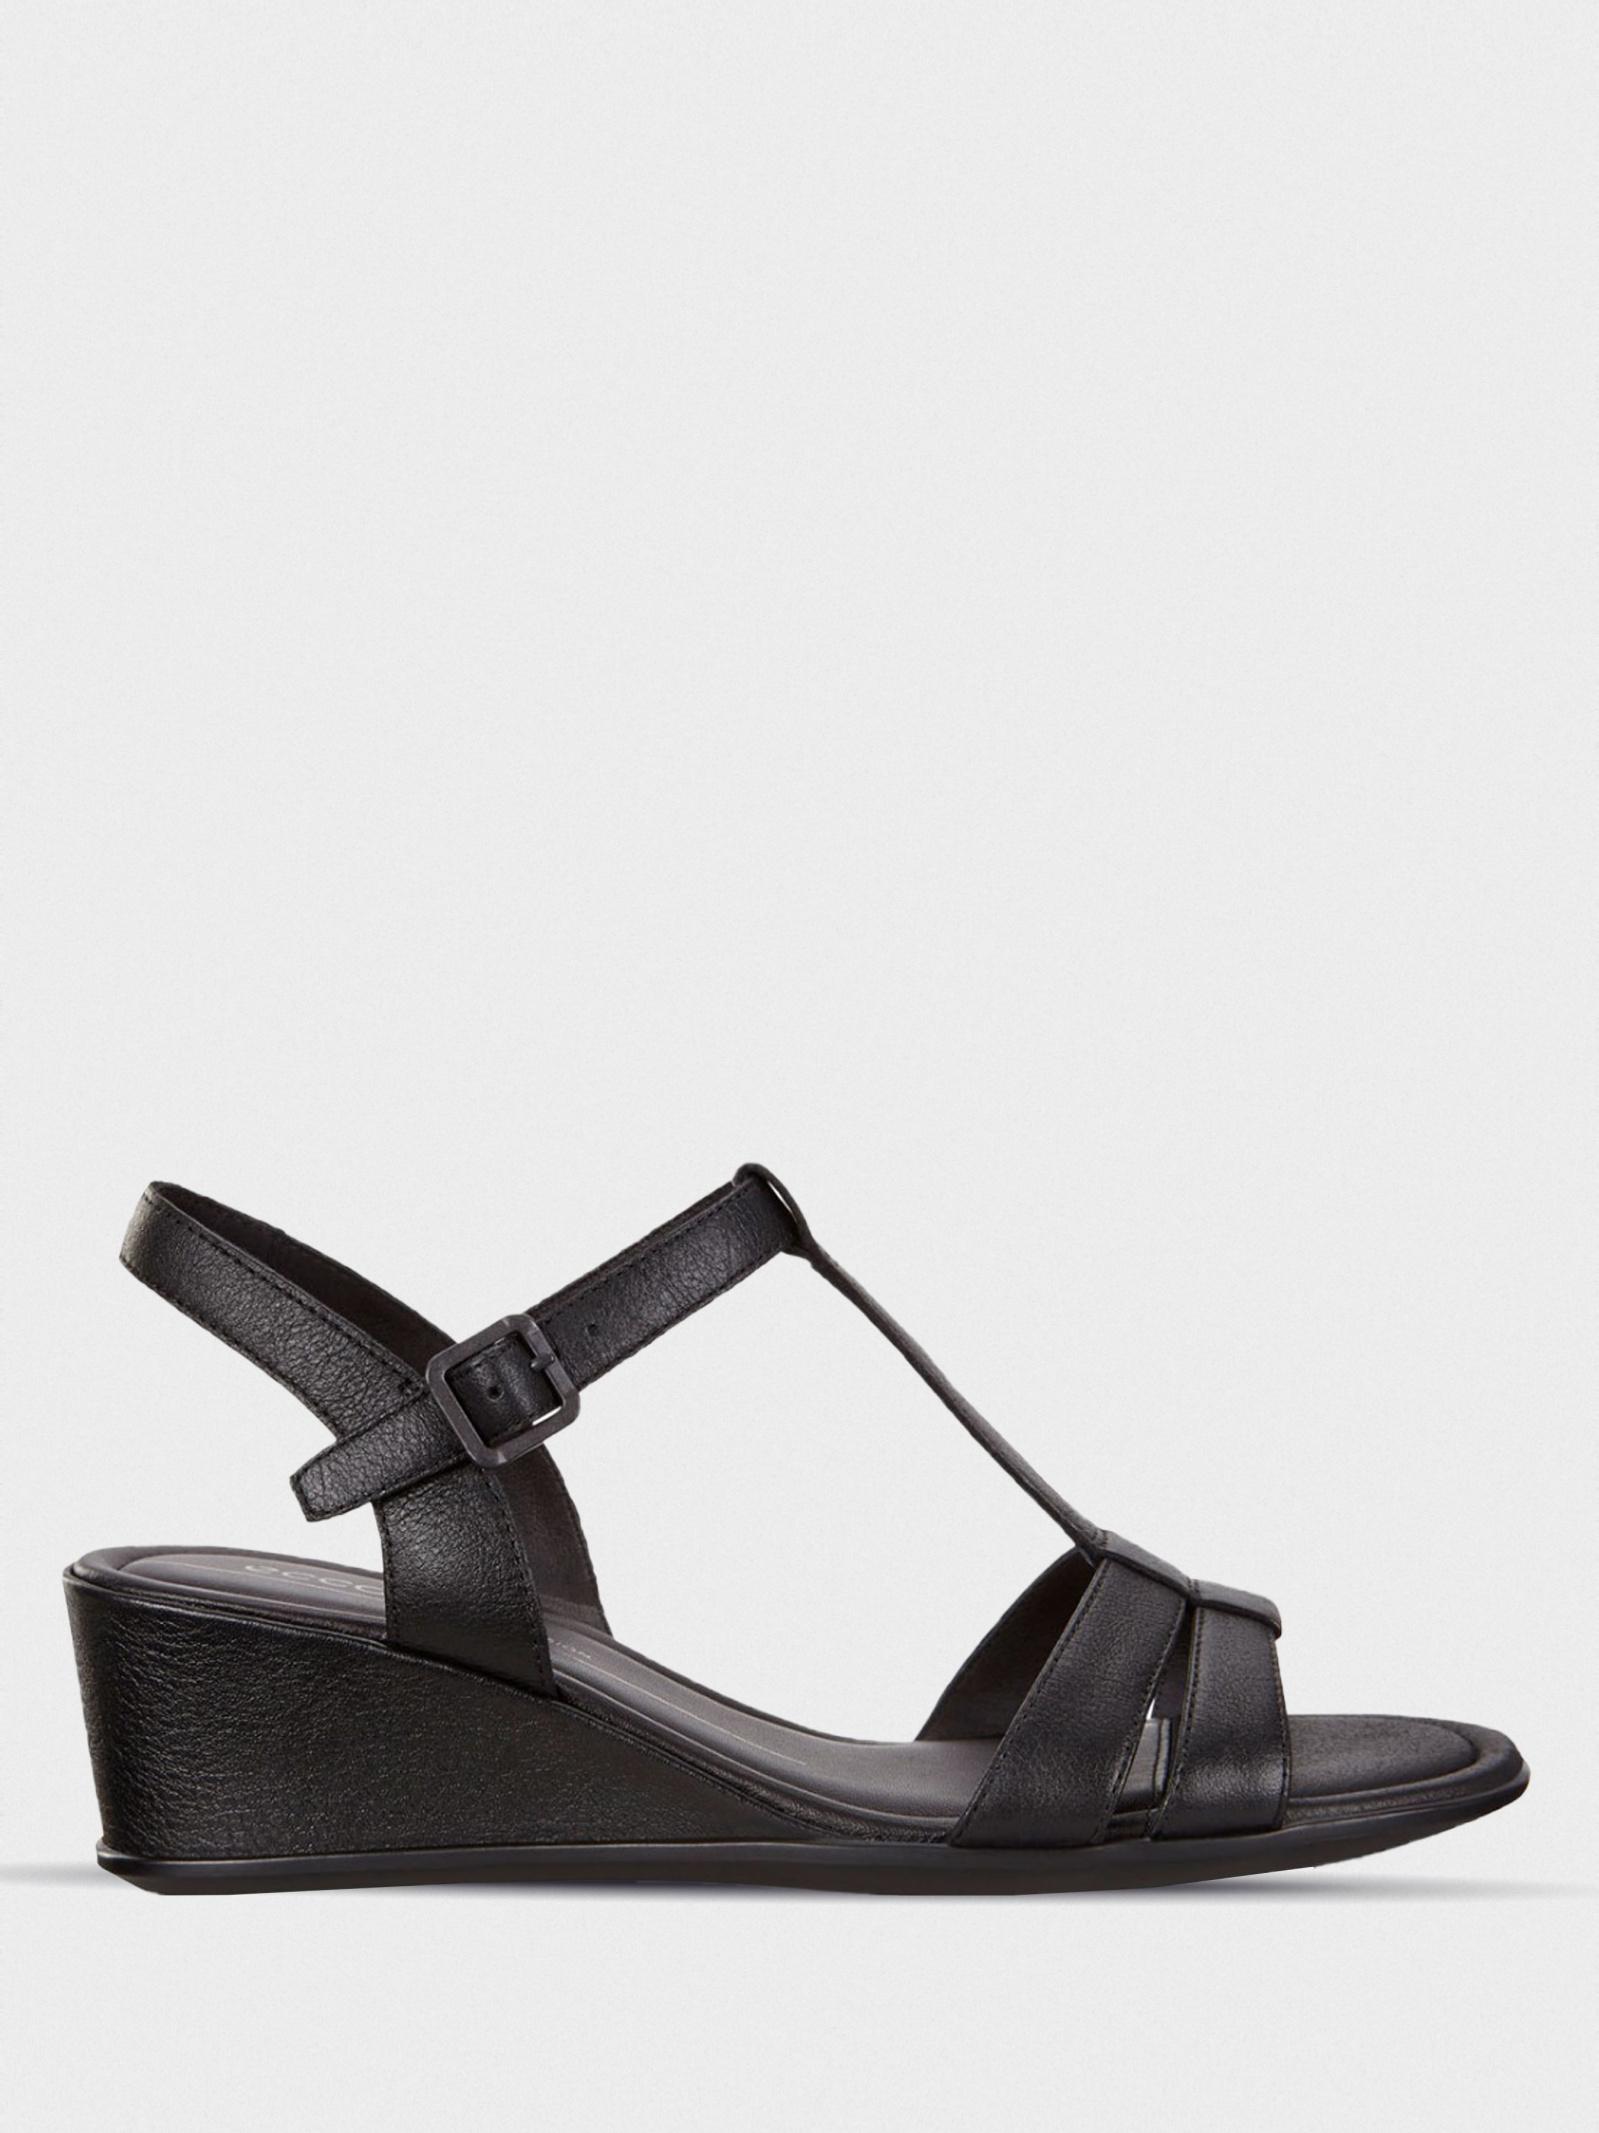 Босоножки для женщин ECCO SHAPE 35 WEDGE SANDAL 250133(01001) брендовая обувь, 2017